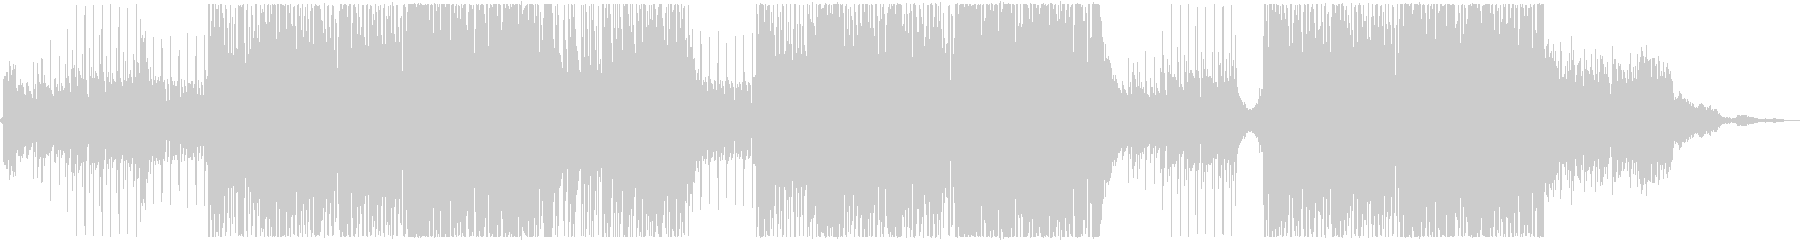 爽快で明るい夏のトロピカルハウス_ー1の未再生の波形